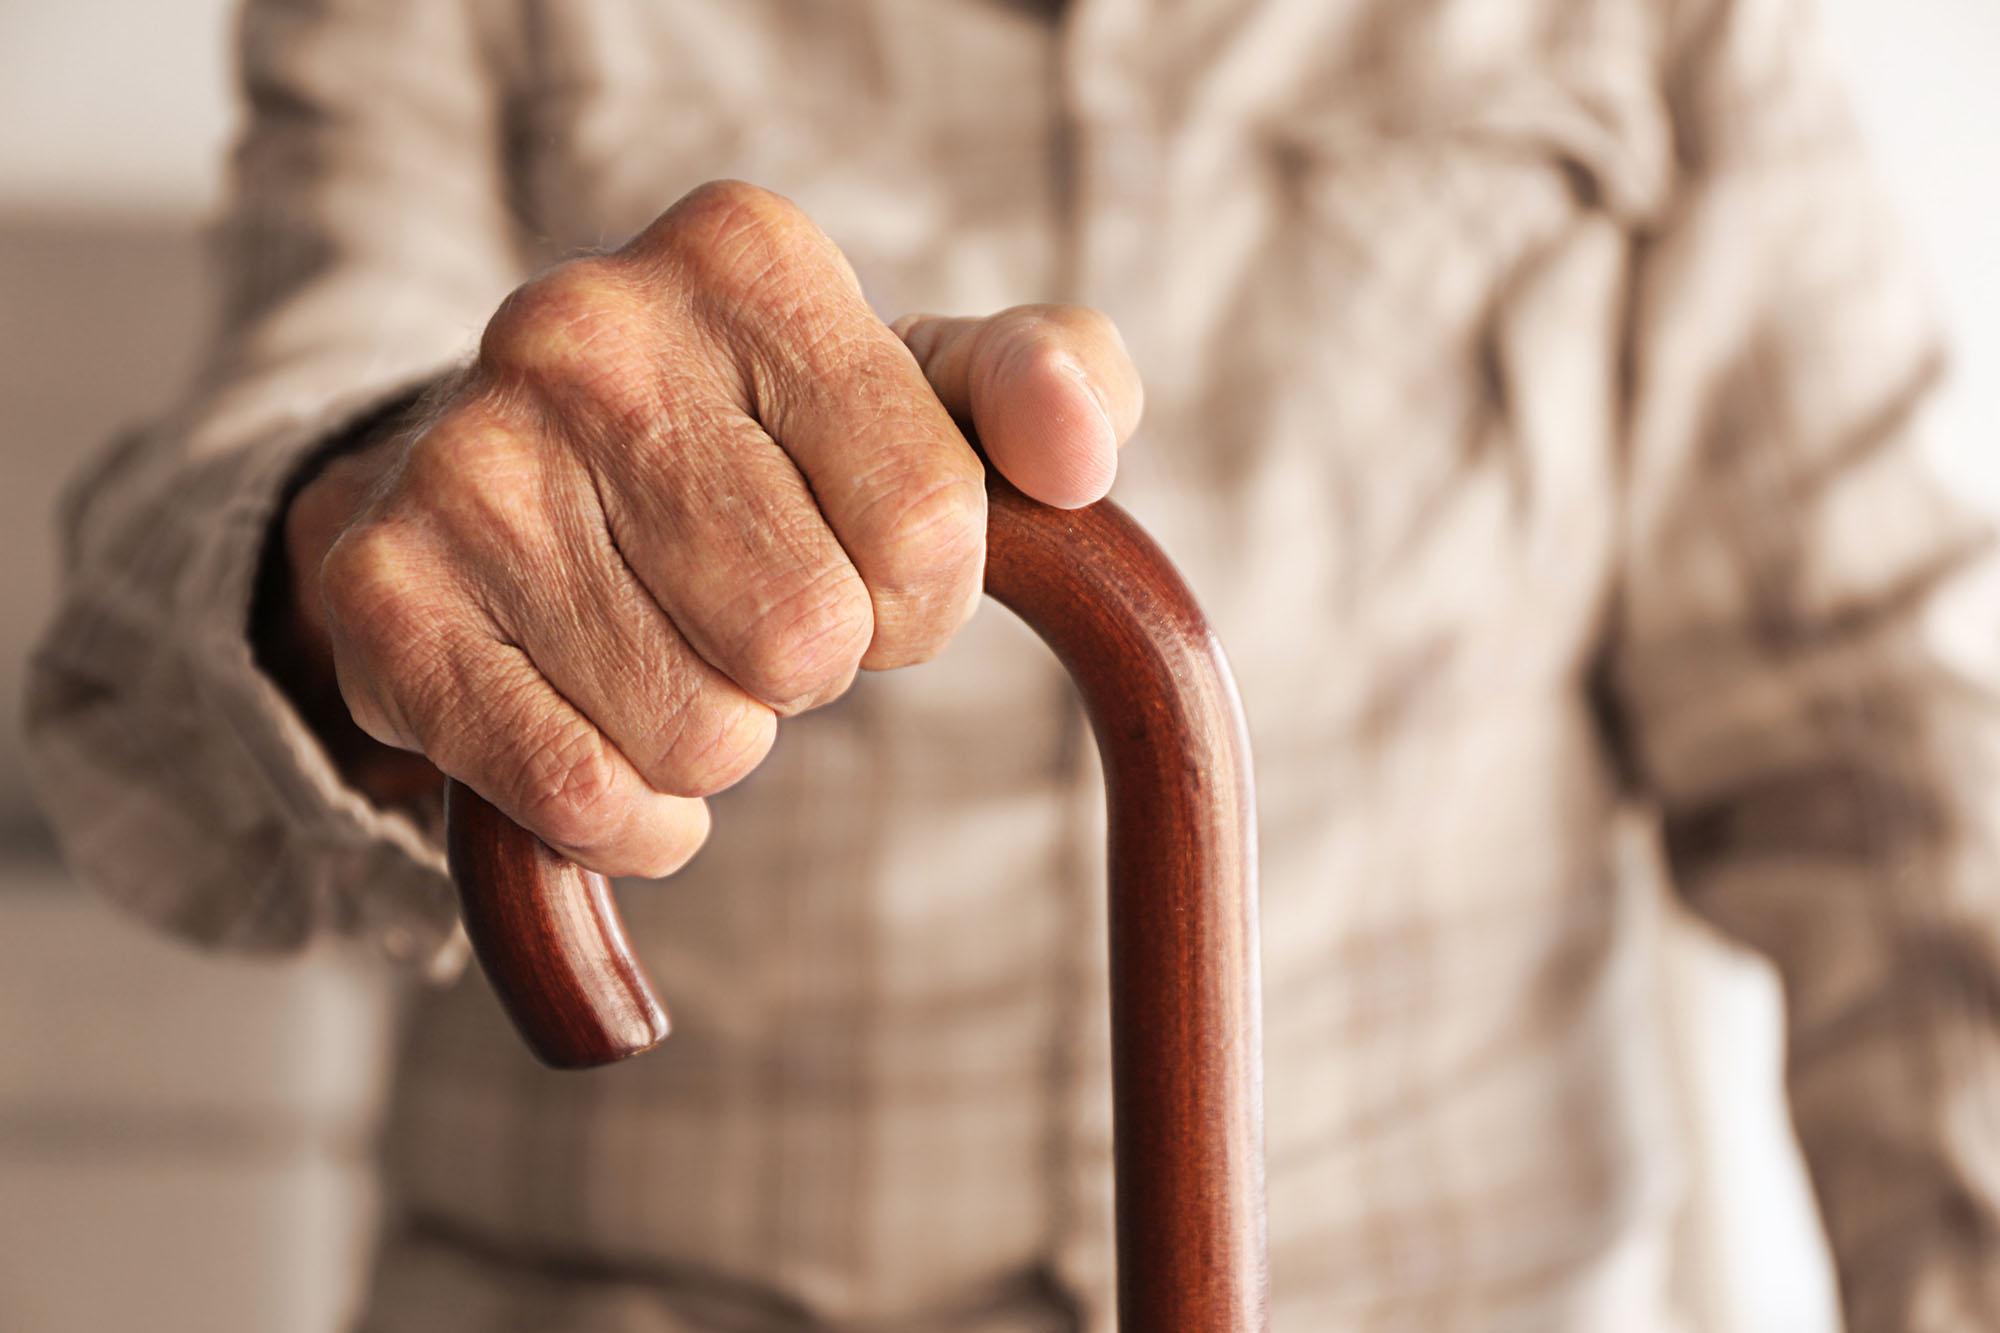 geriatric medicine Lewisville TX